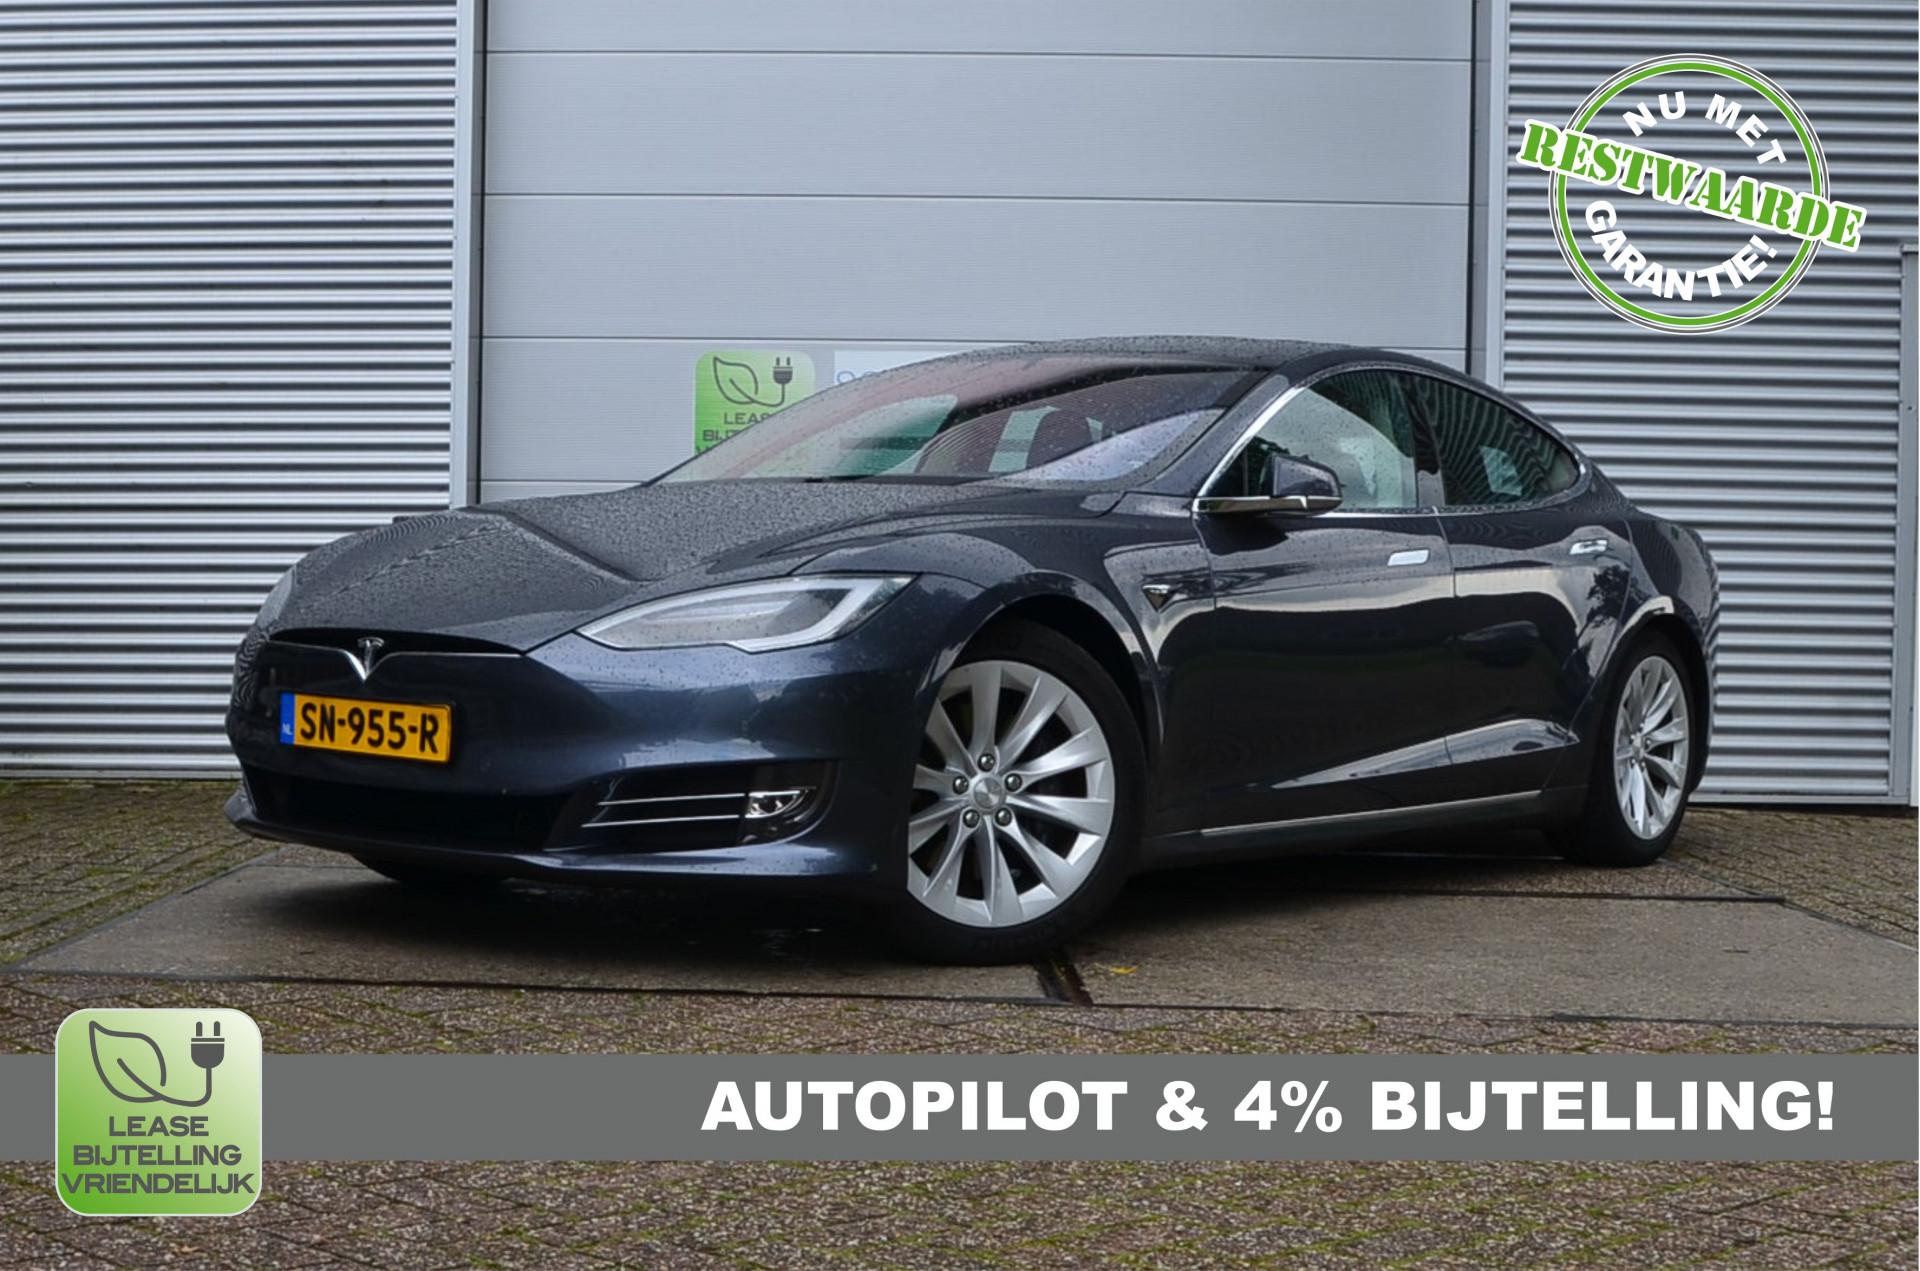 28194631/Tesla/75D (4x4)/AutoPilot2.0, Rijklaar prijs